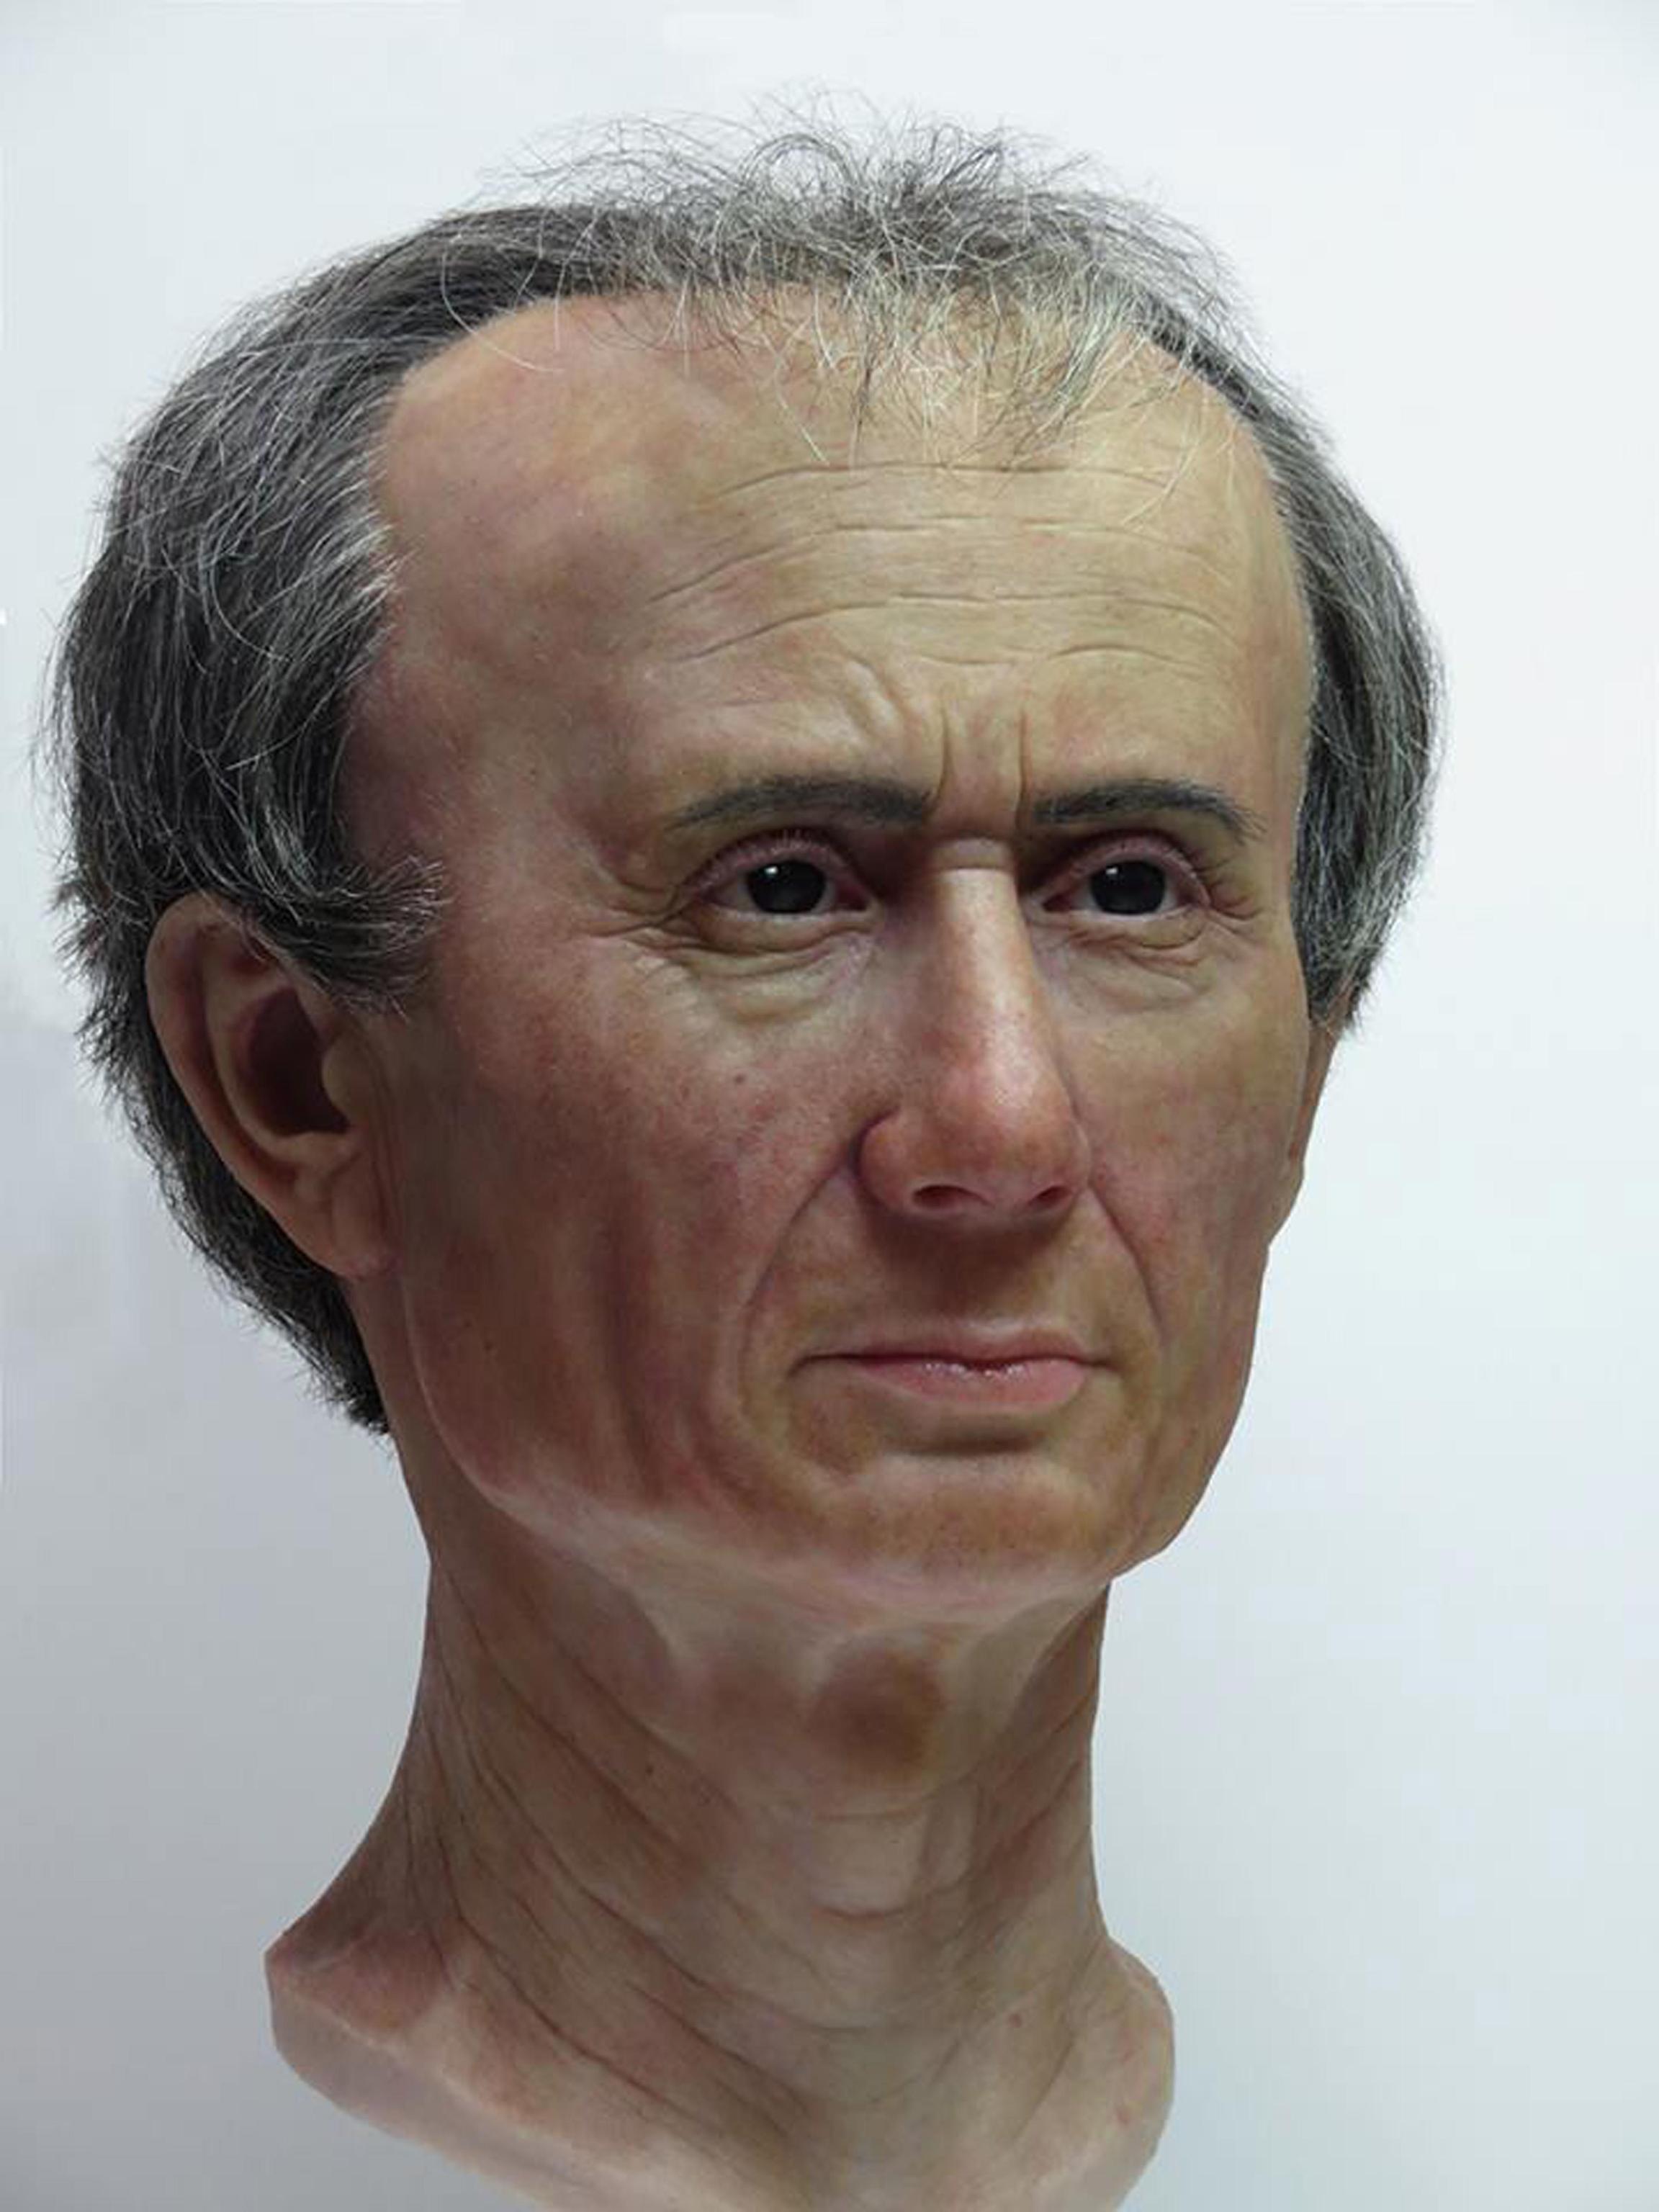 Il vero volto di Giulio Cesare ricostruito in 3D